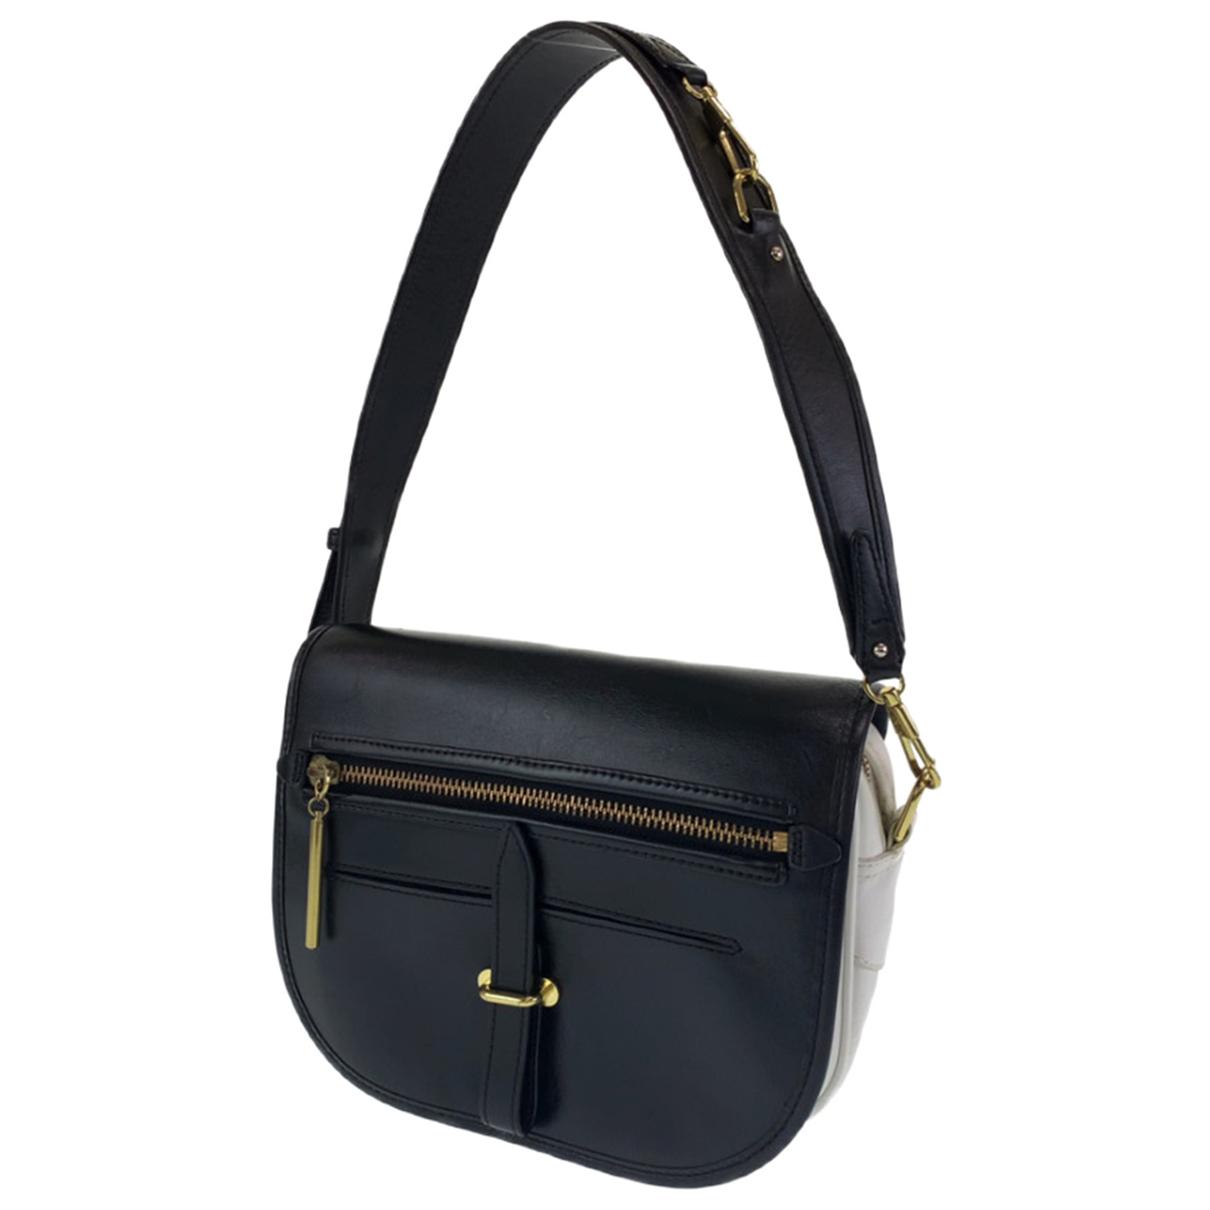 3.1 Phillip Lim N Leather handbag for Women N